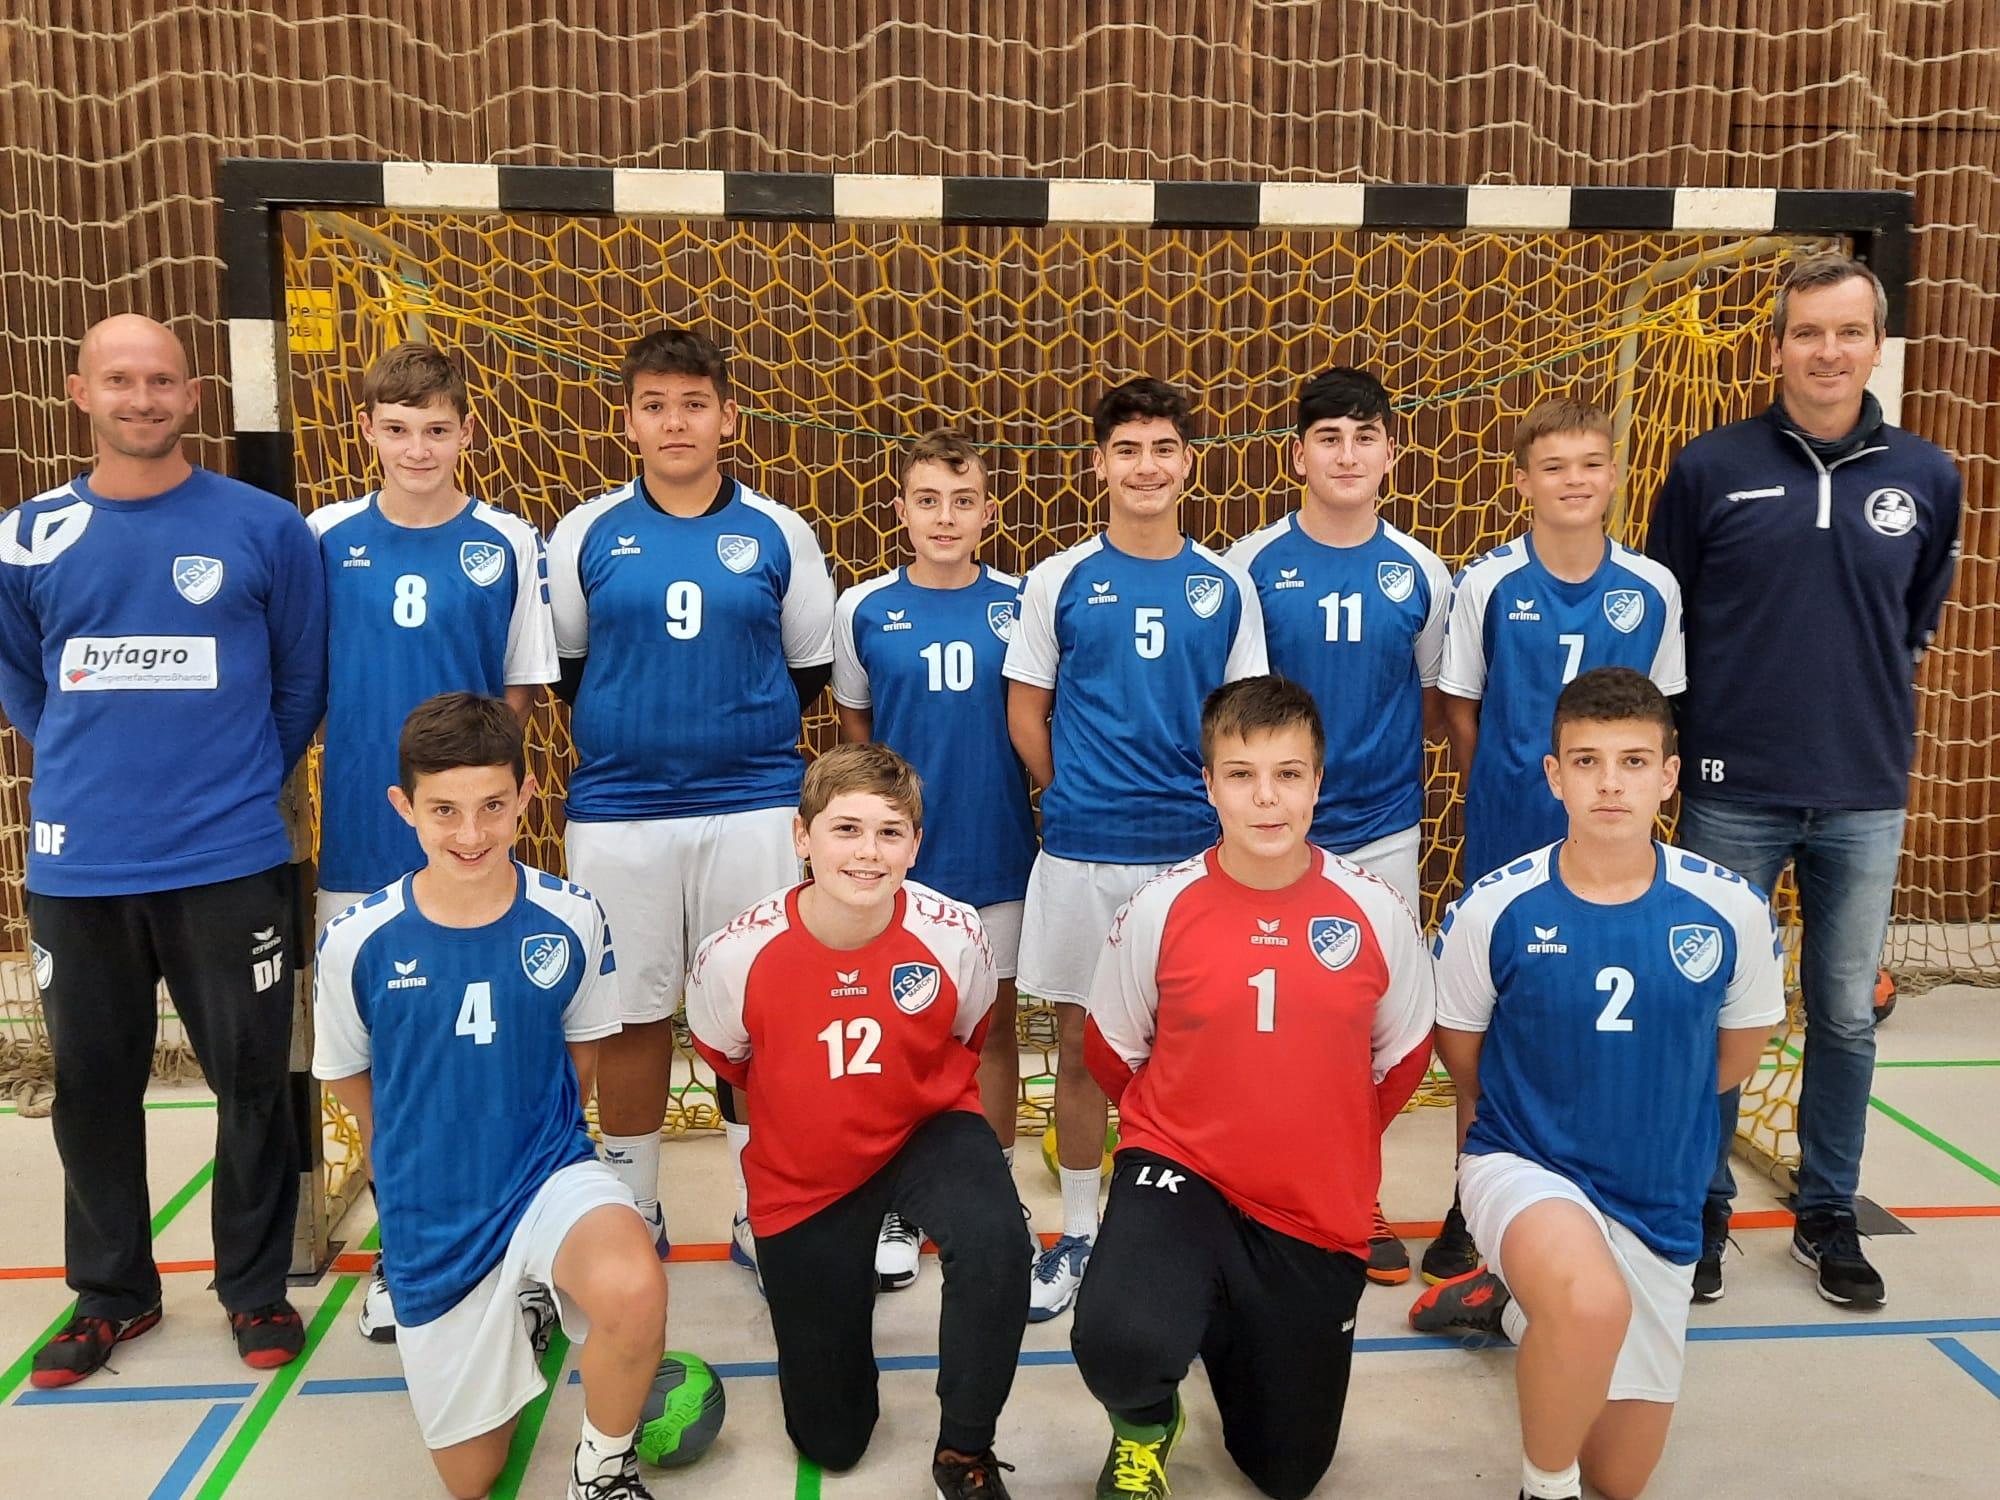 C1-Jugend männlich (SG)